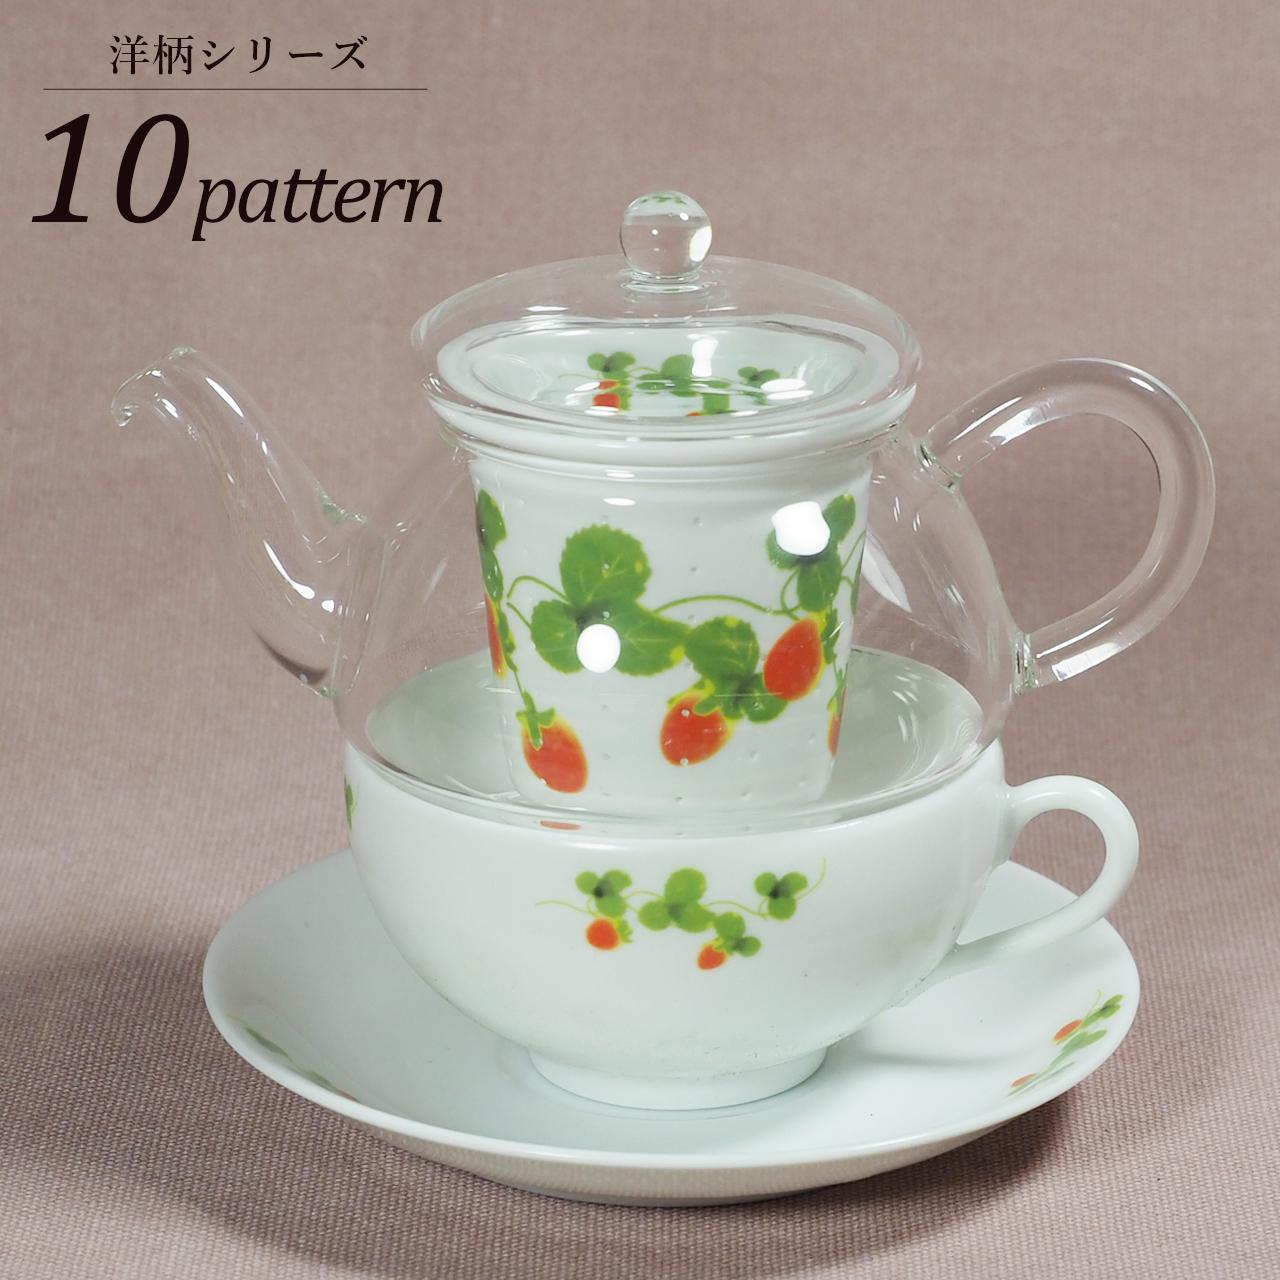 ティーフォーワン TFO-003(磁器カップ&ソーサー付) 洋柄シリーズ 10-003-B